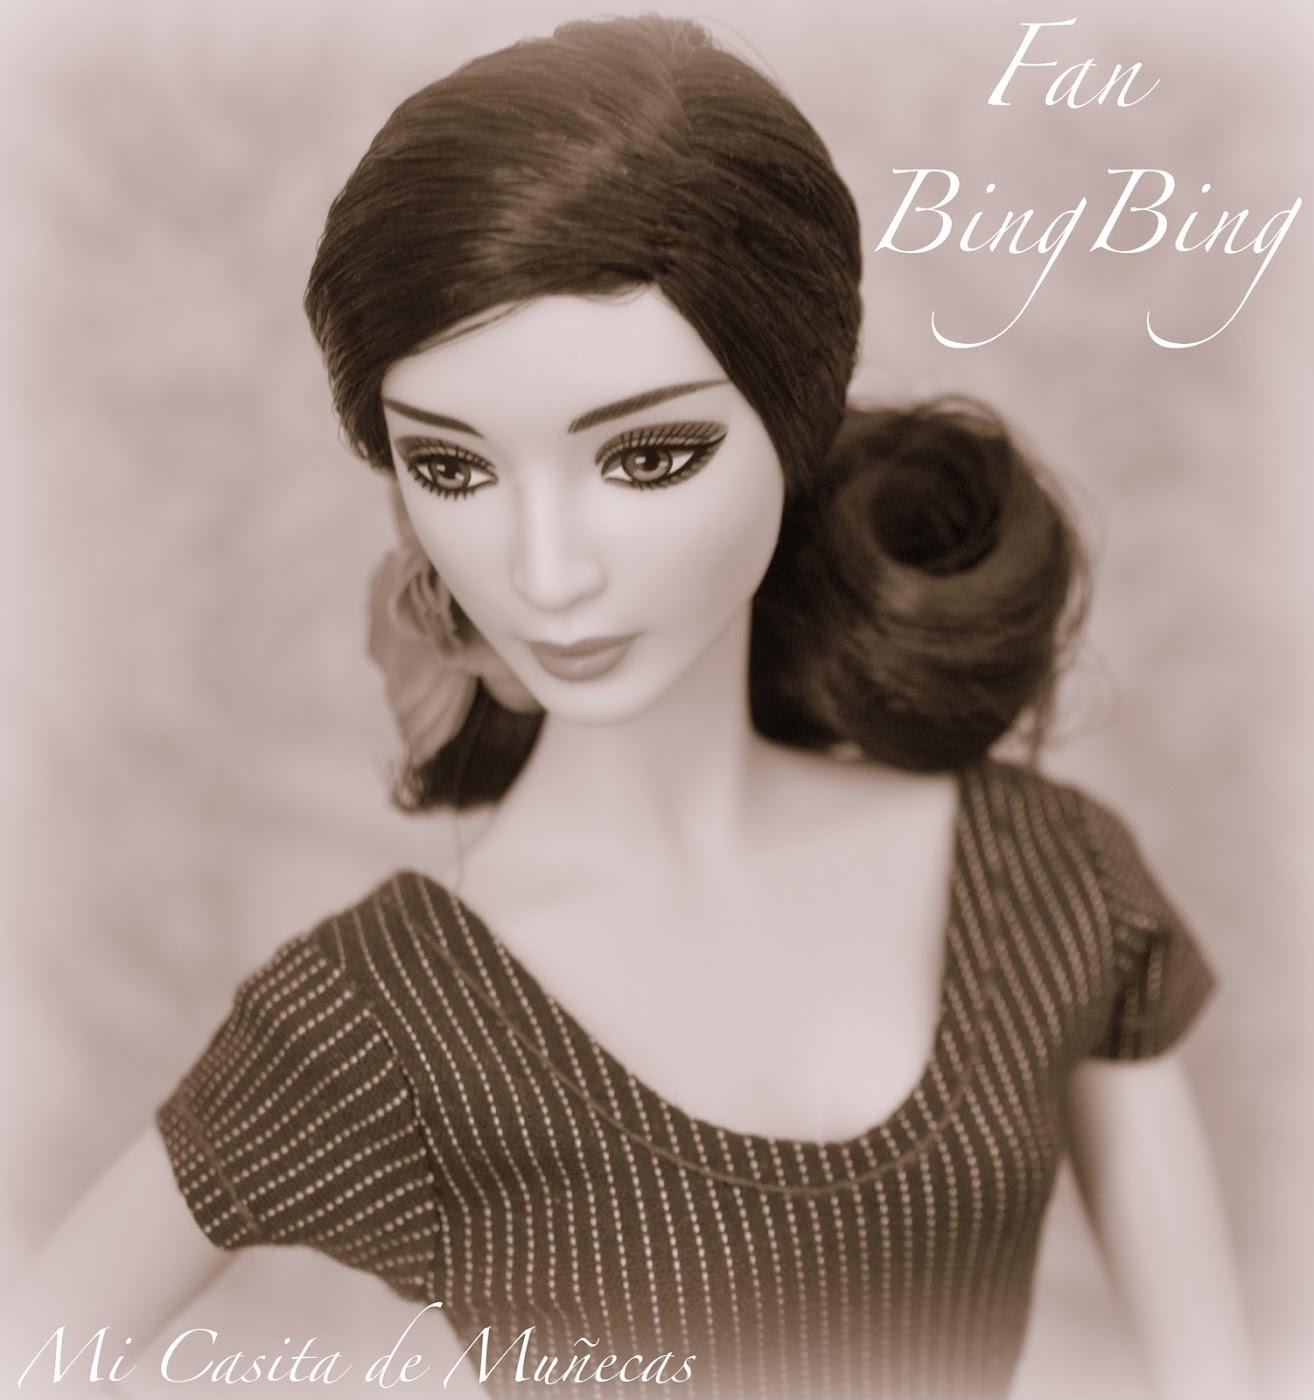 Barbie Fan Bingbing mattel. Blog Mi Casita de Muñecas. Vestido hecho a mano para Barbie.